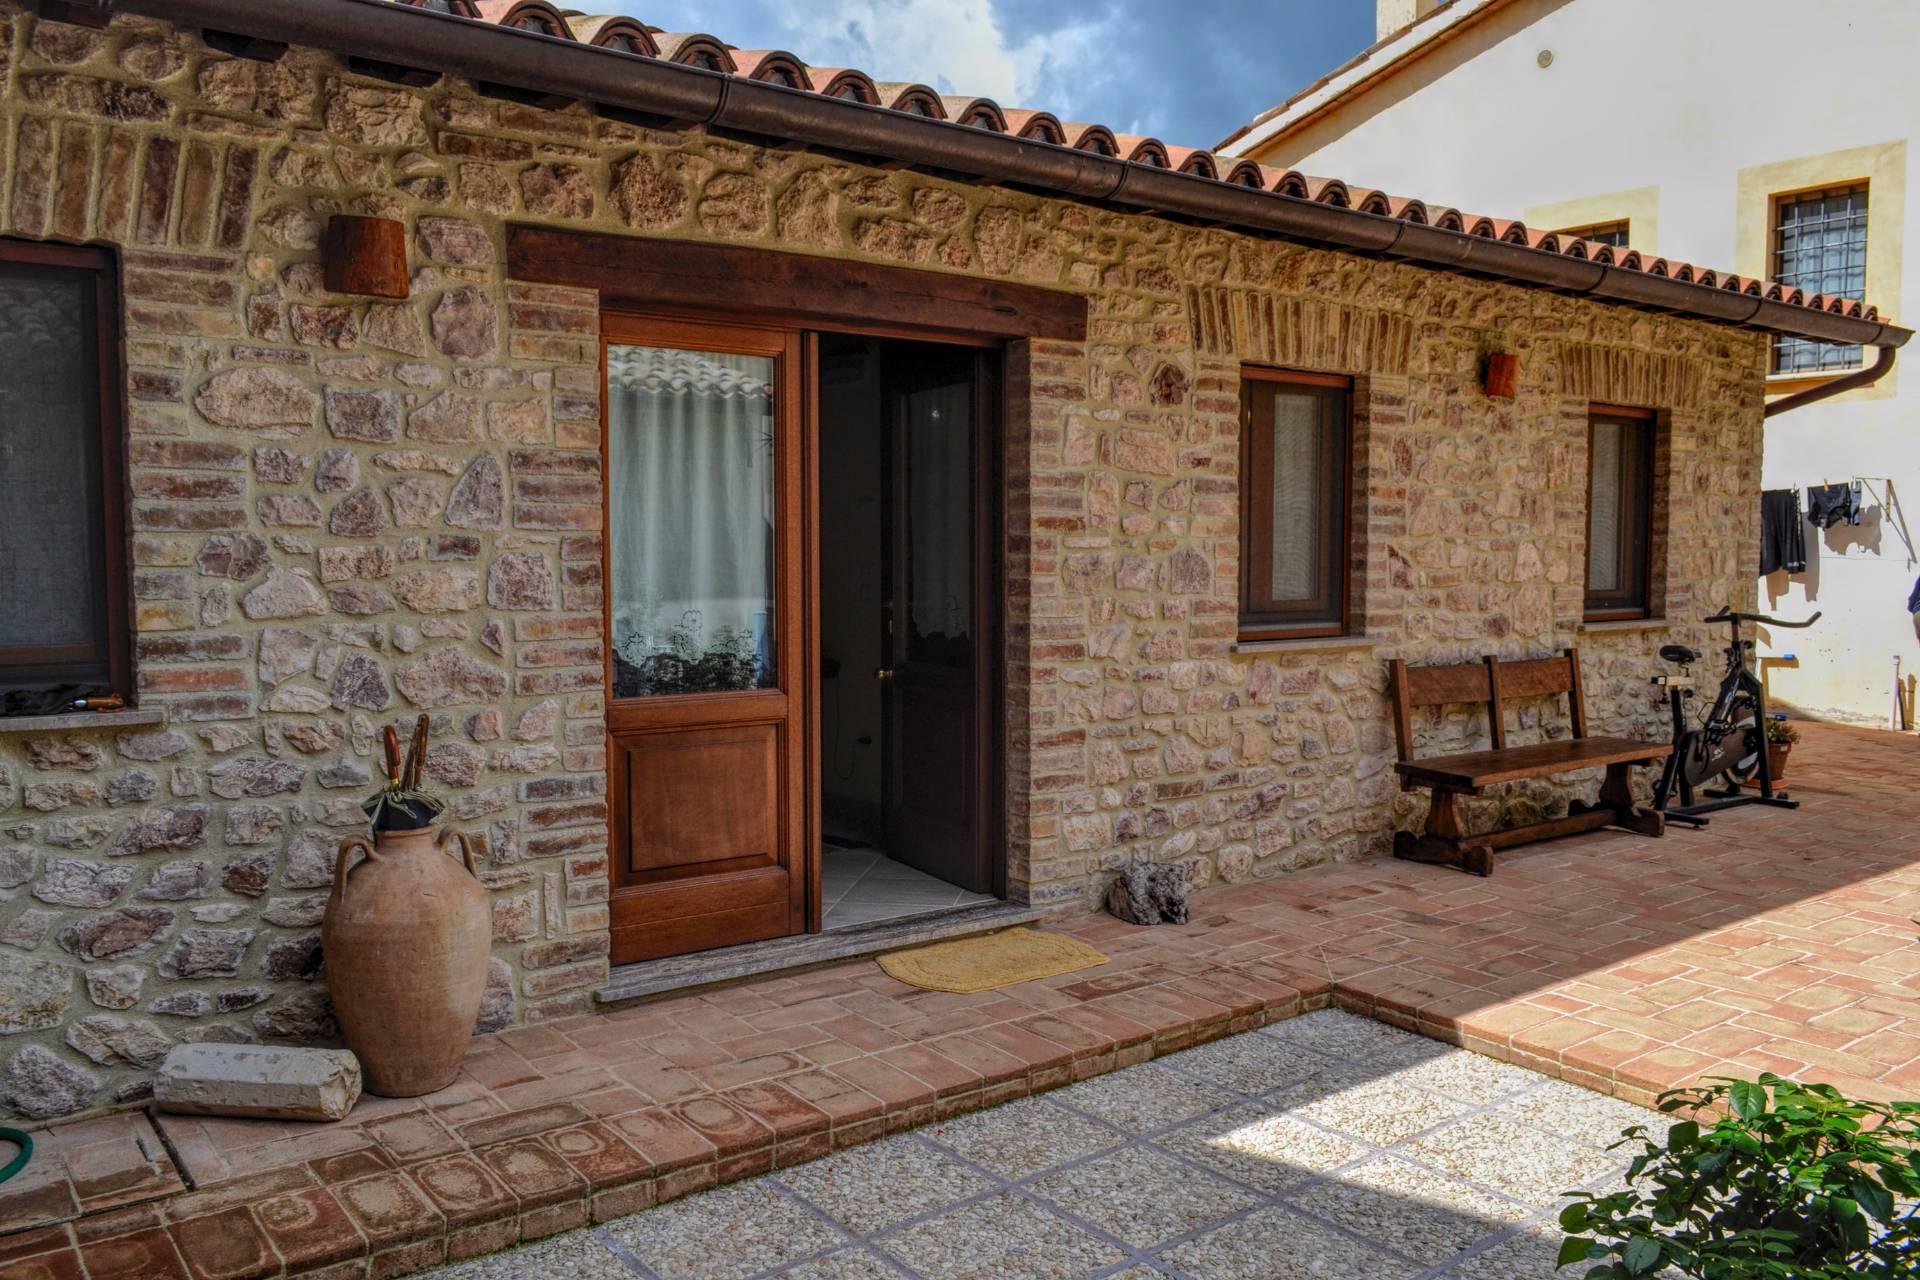 Appartamento in vendita a Giano dell'Umbria, 2 locali, prezzo € 60.000 | CambioCasa.it